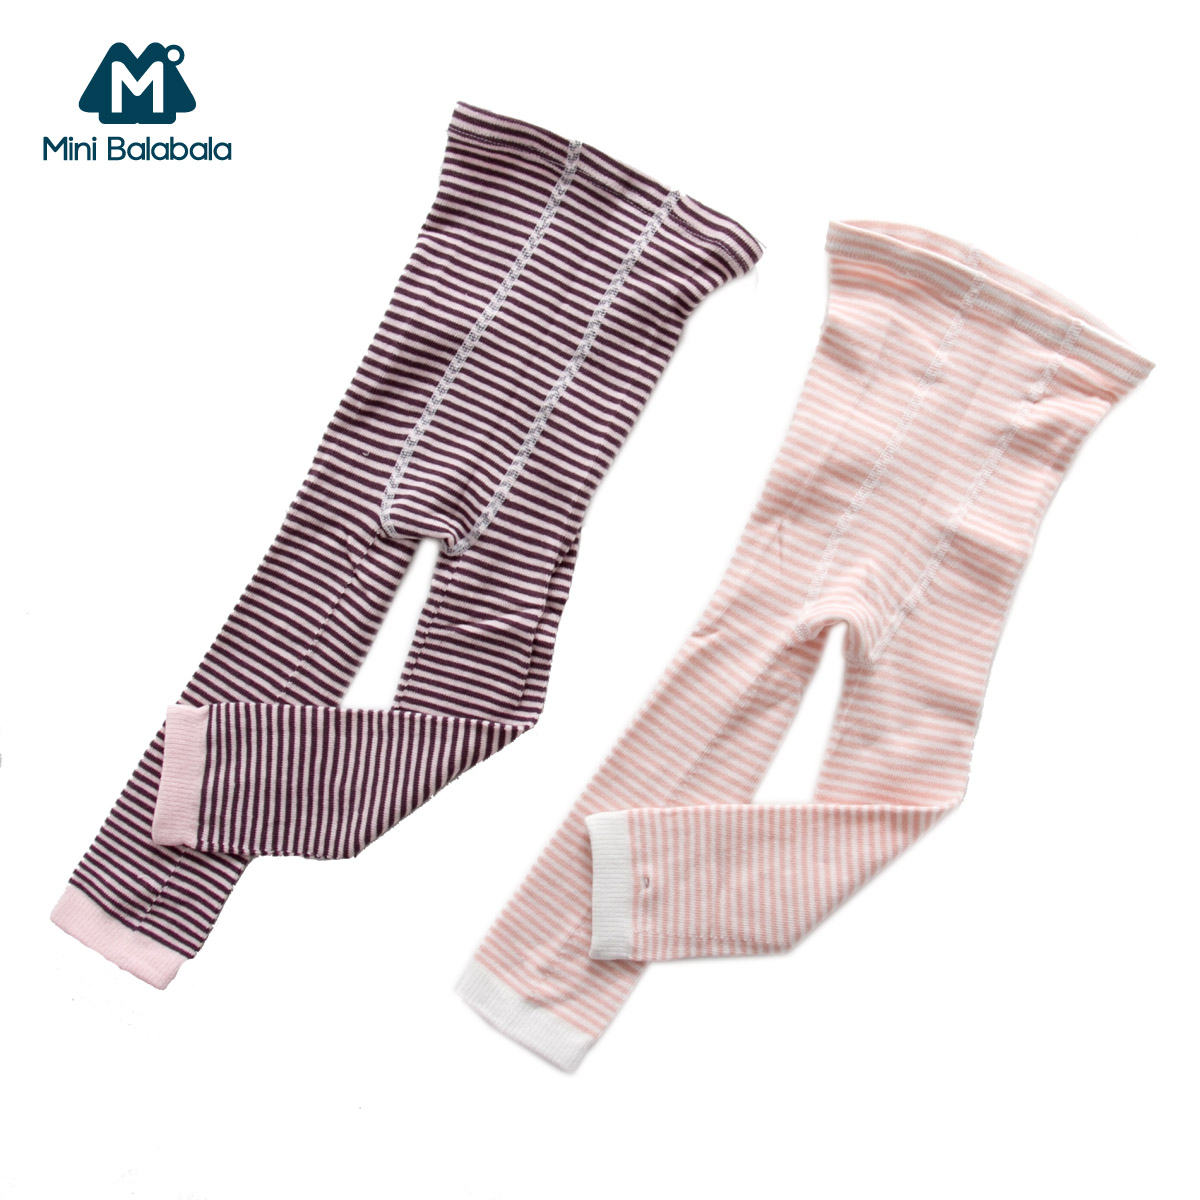 детские штаны Mini balabala 52219130410